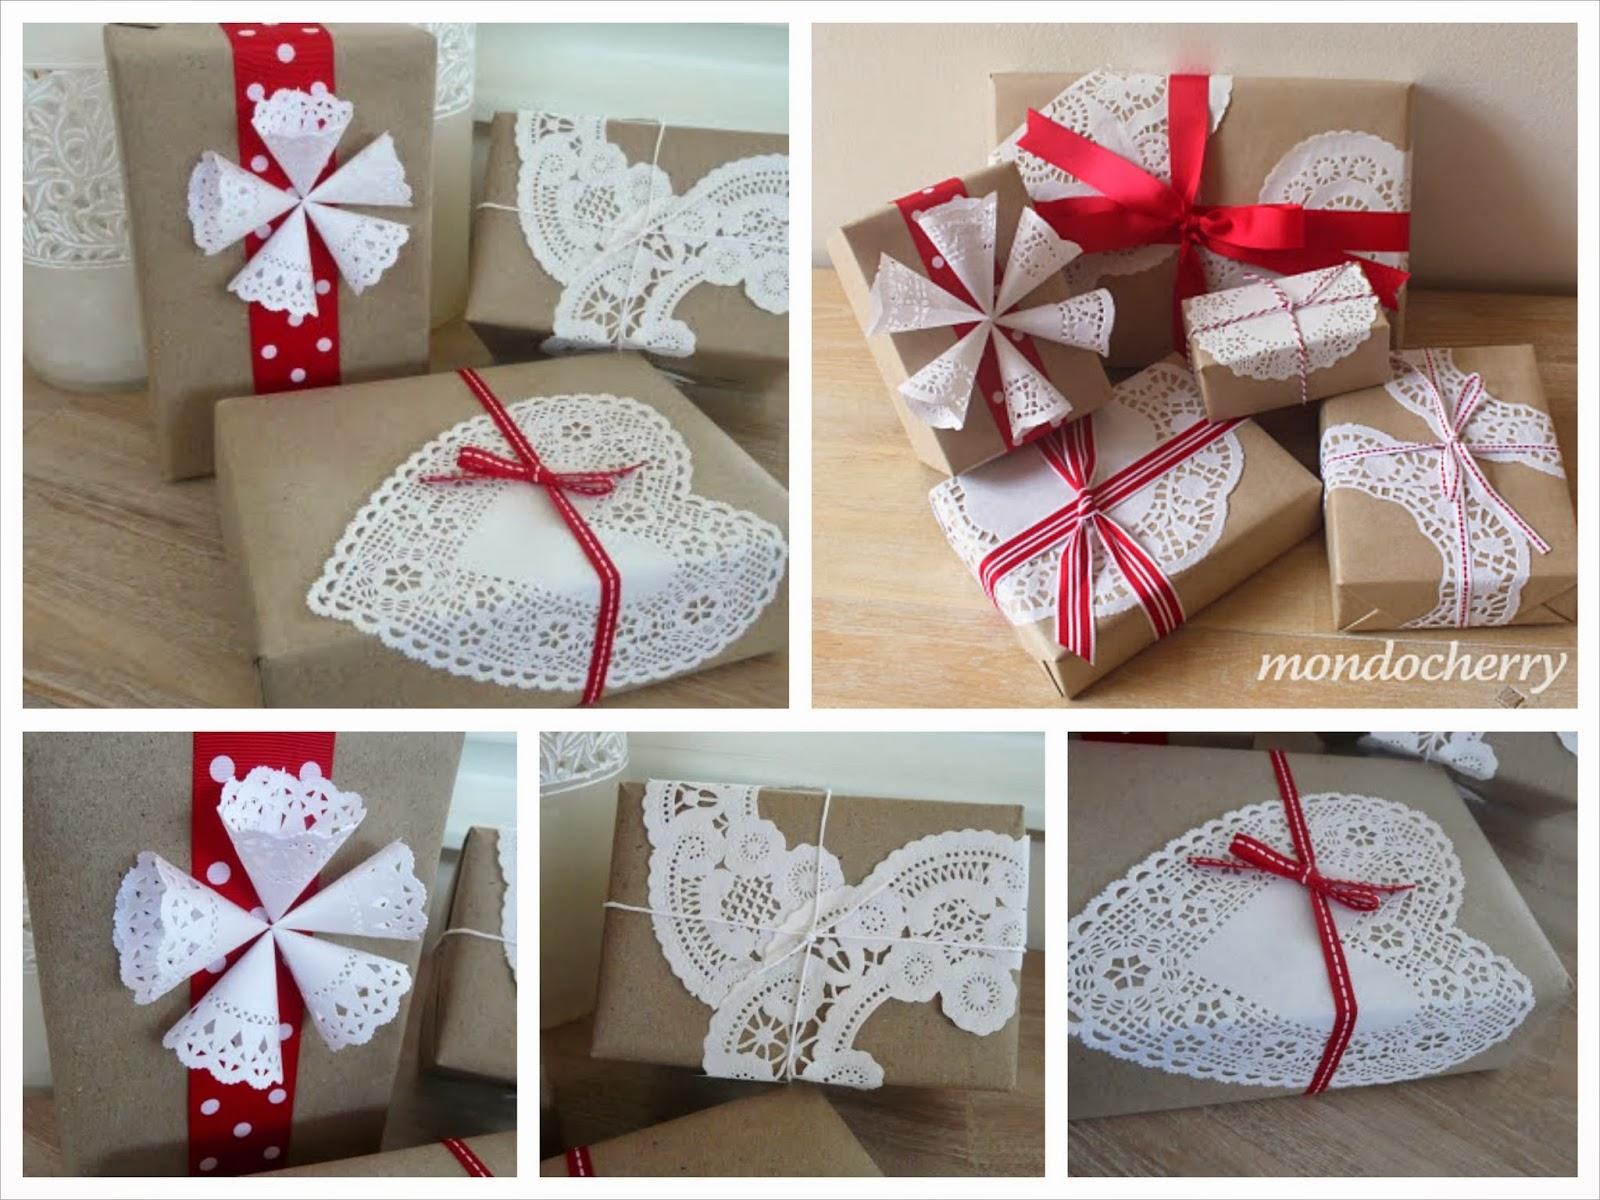 Blog de tu d a con amor invitaciones y detalles de boda - Envolver regalos de navidad ...